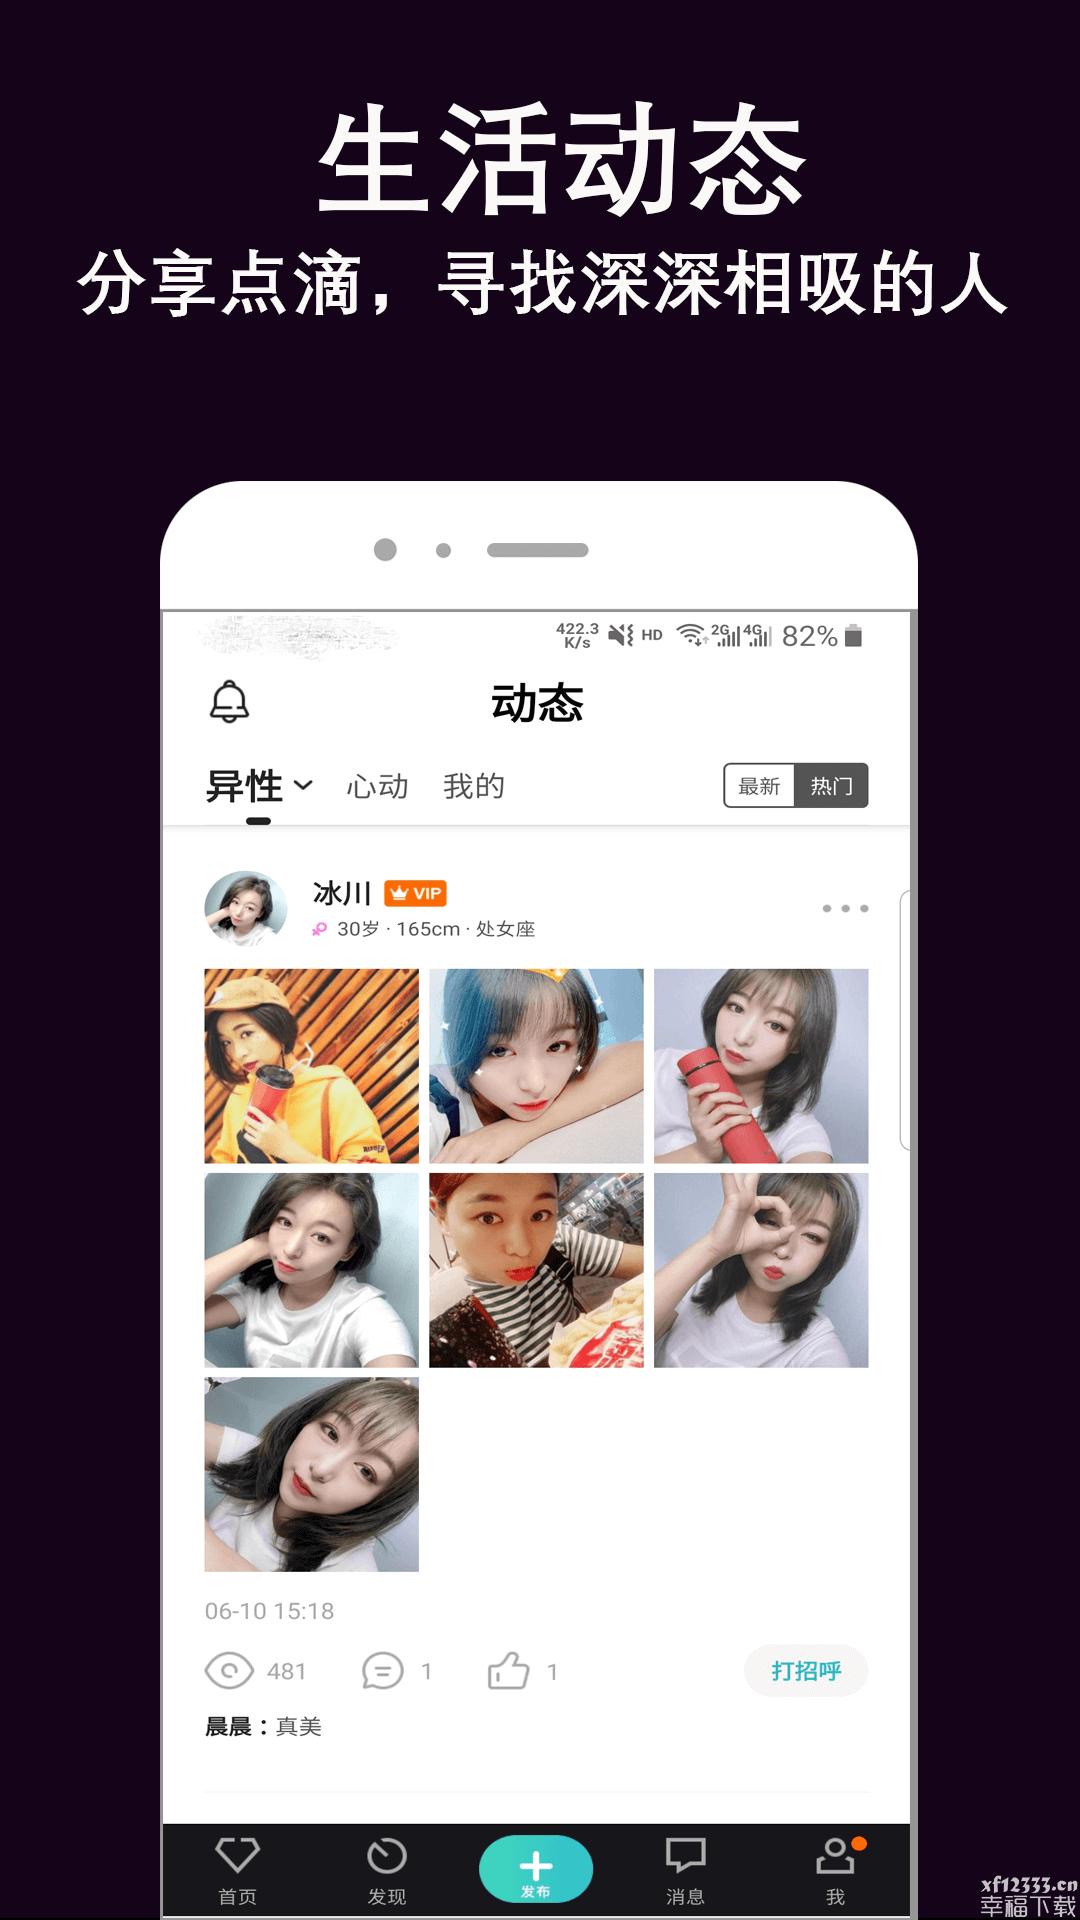 伊缘婚恋app下载_伊缘婚恋app最新版免费下载